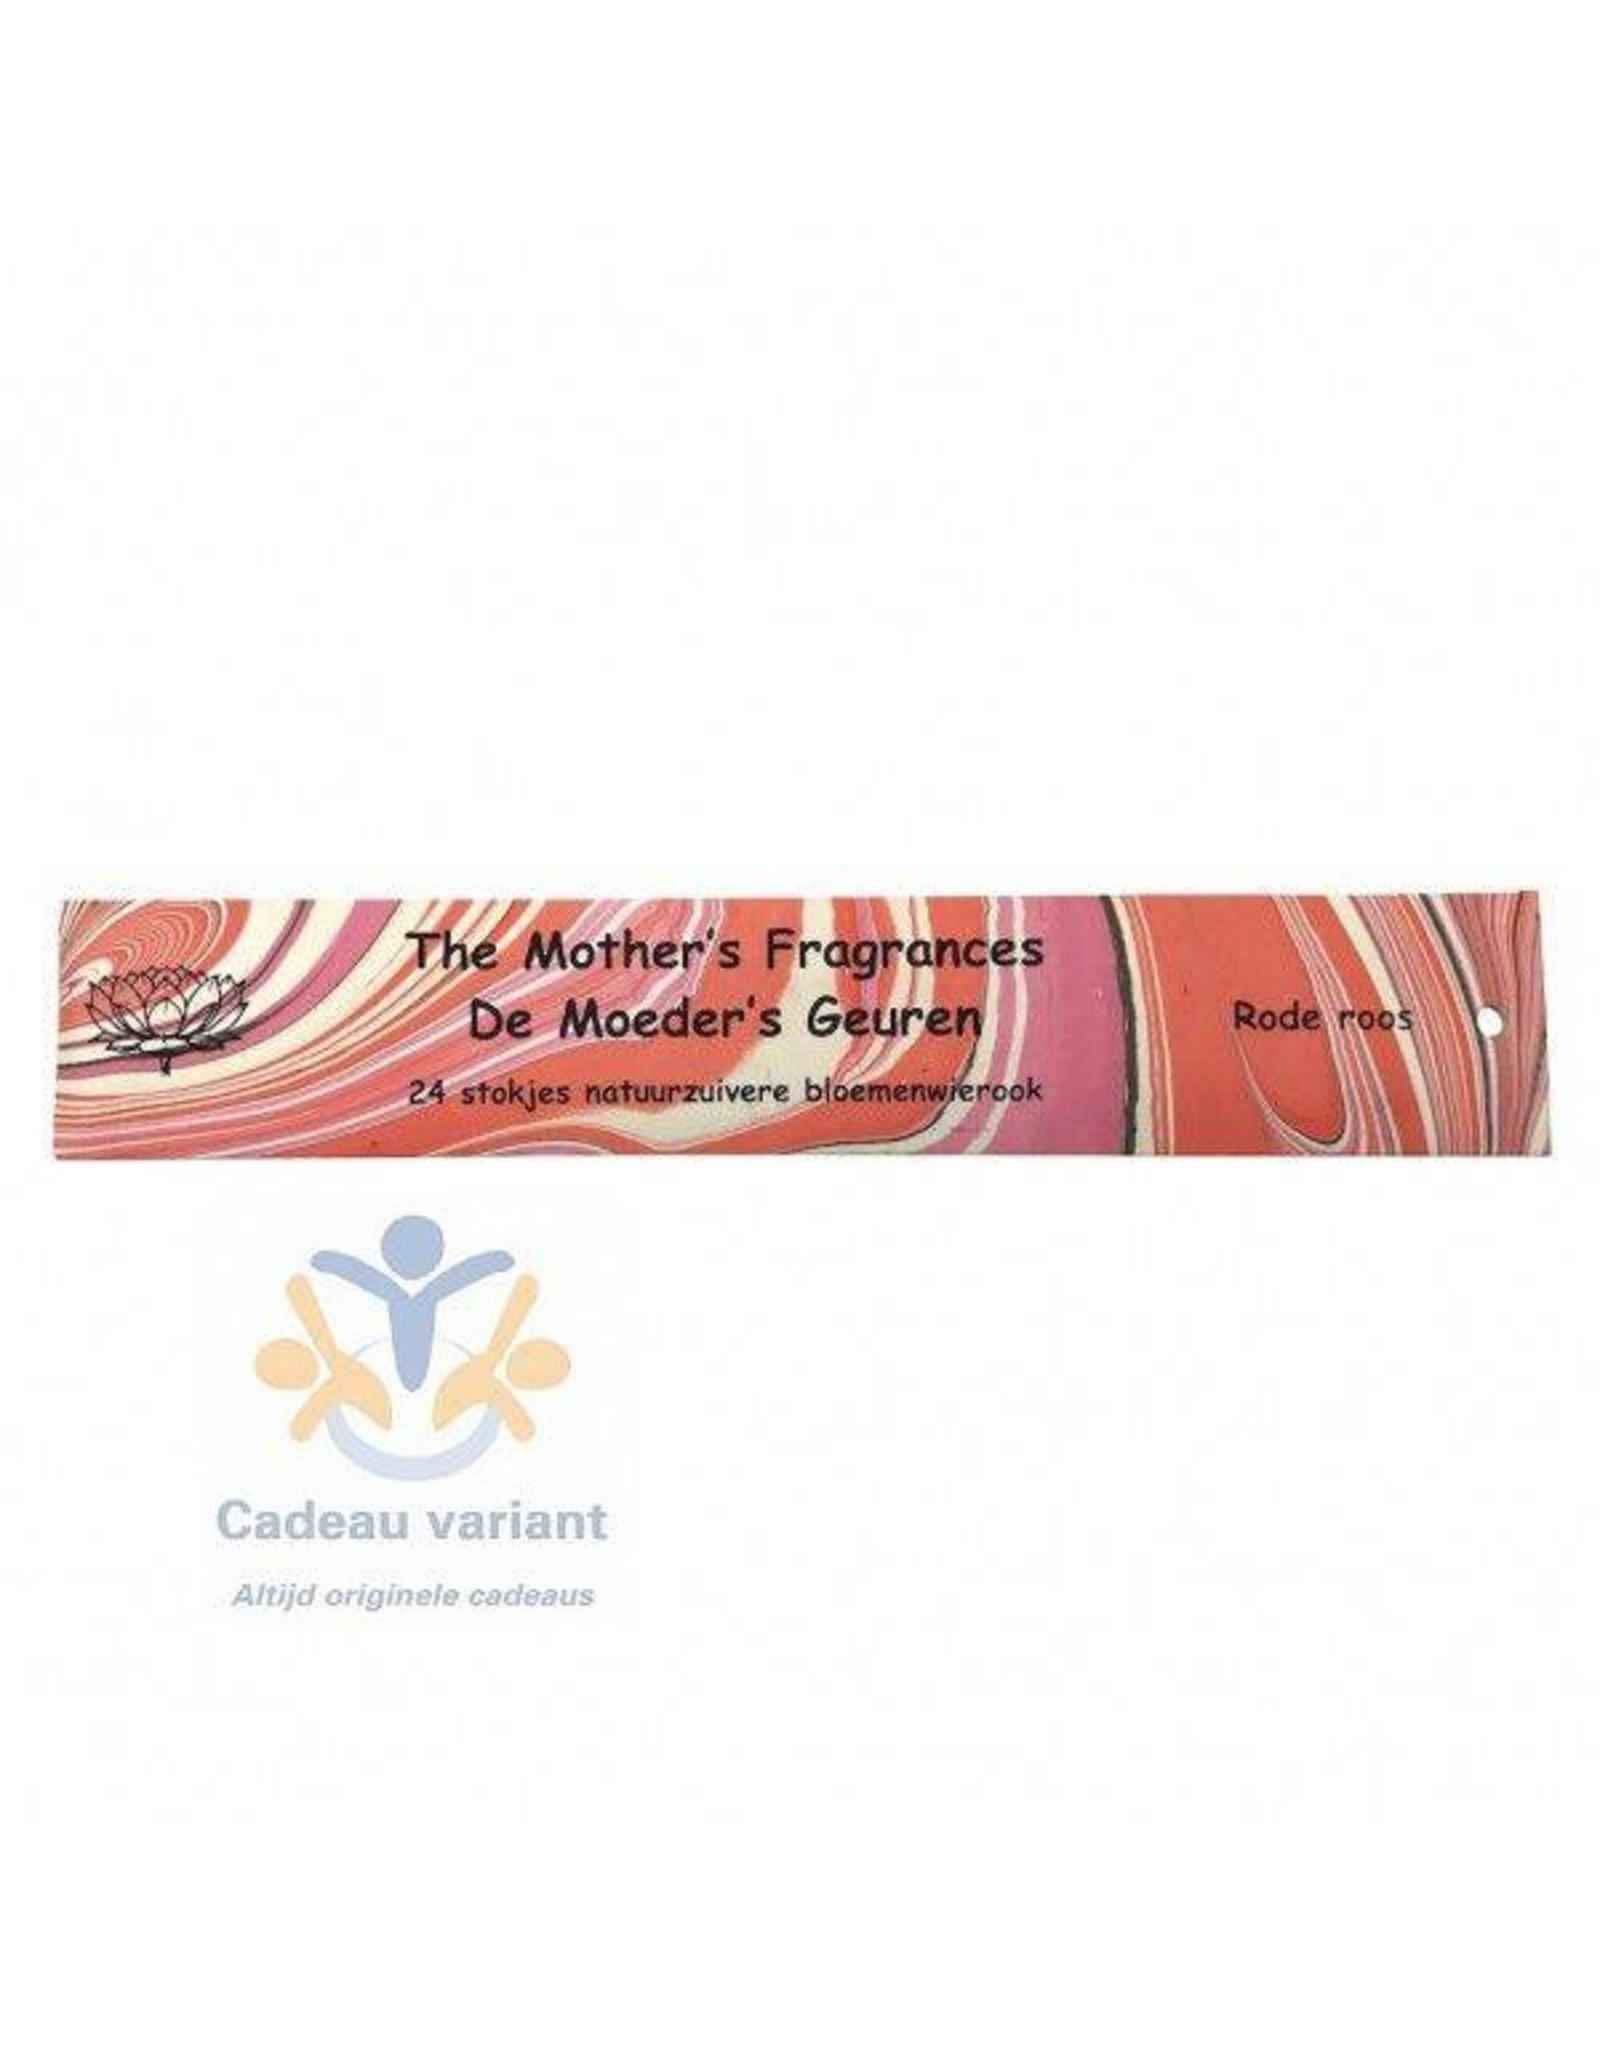 Moeders geuren wierook Rode roos wierook 24 stuks